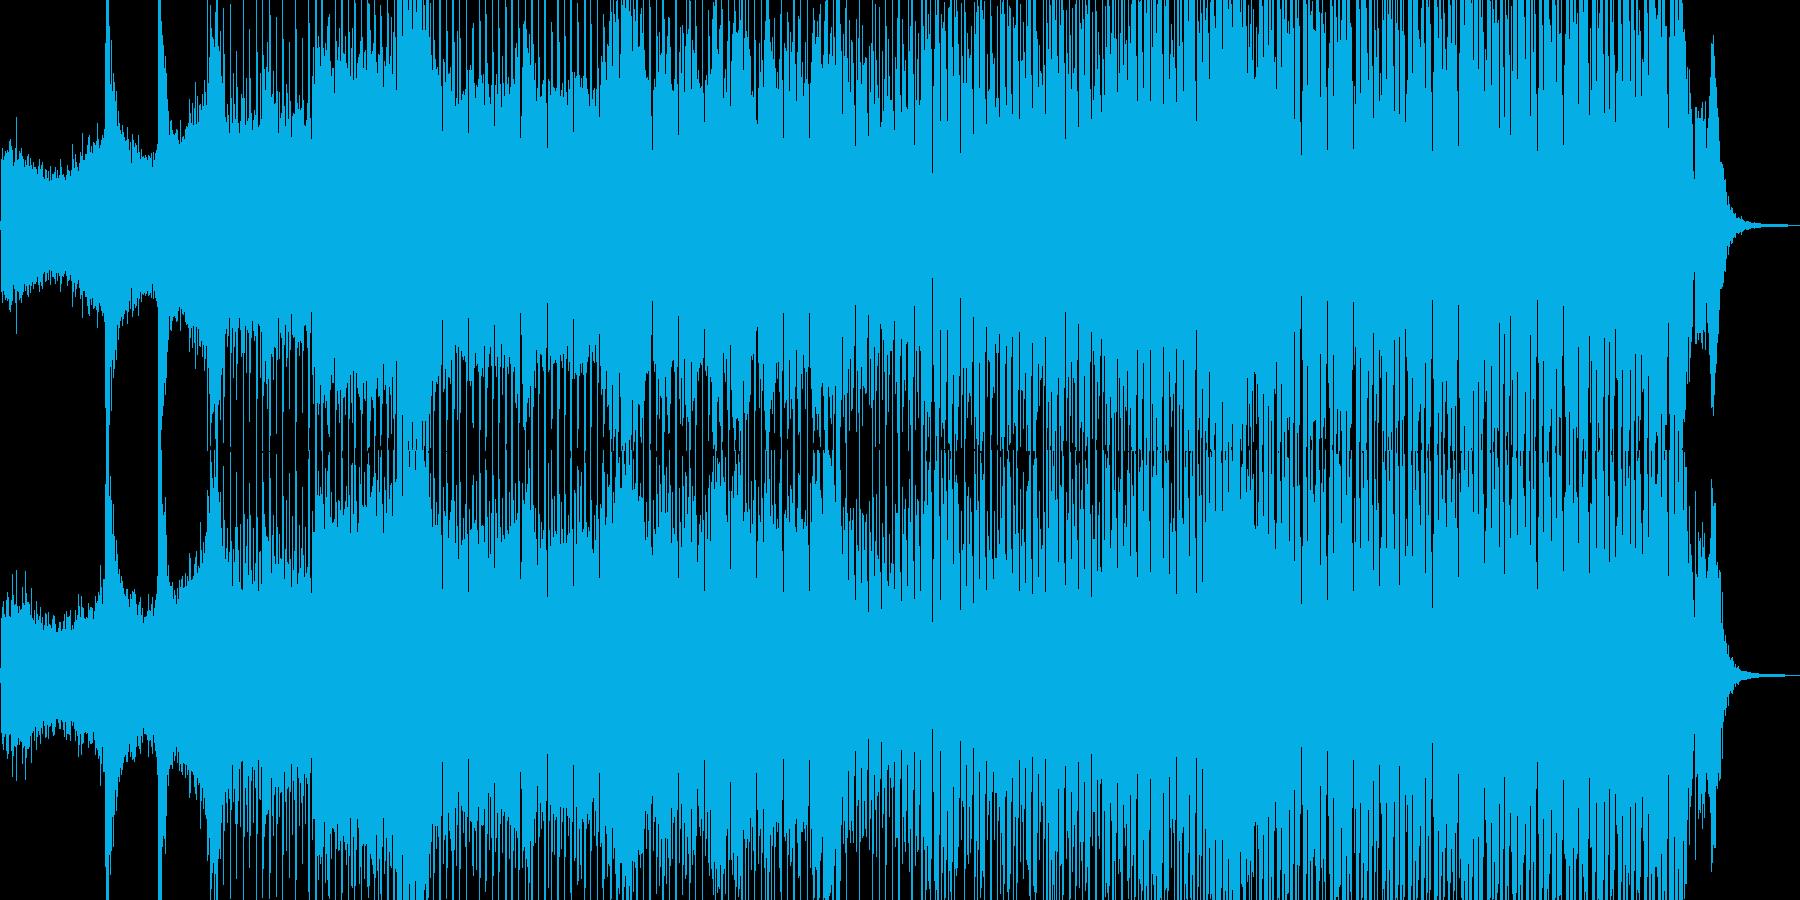 近未来を思い描いたテクノポップ Cの再生済みの波形